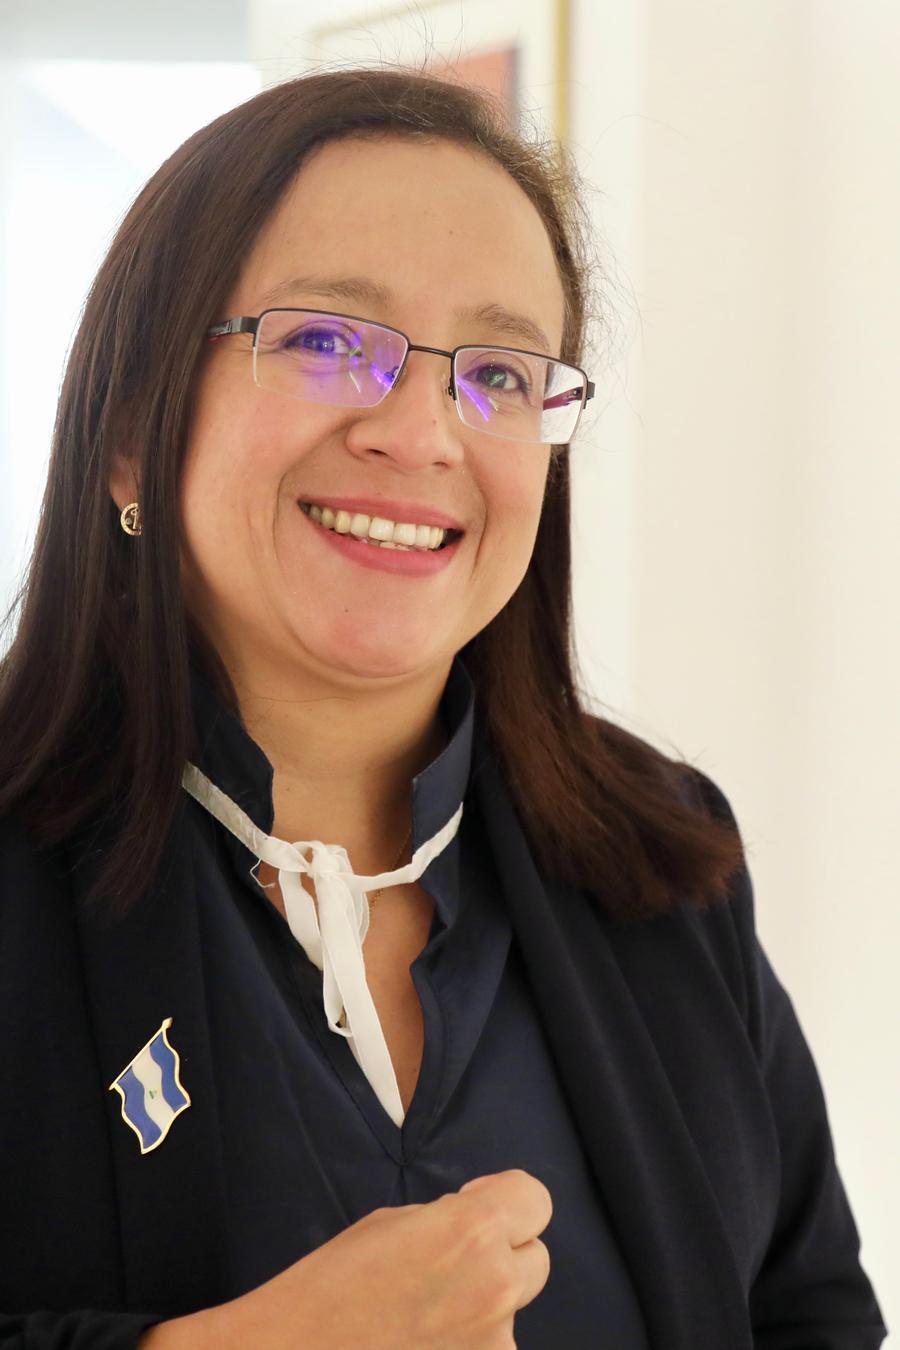 La periodista nicaragüense, Lucía Pineda Ubau, pasó 6 meses en prisión por reportar sobre la crisis política en Nicaragua iniciada en abril de 2018, y hoy pidió en Washington más apoyo internacional para resolver la crisis